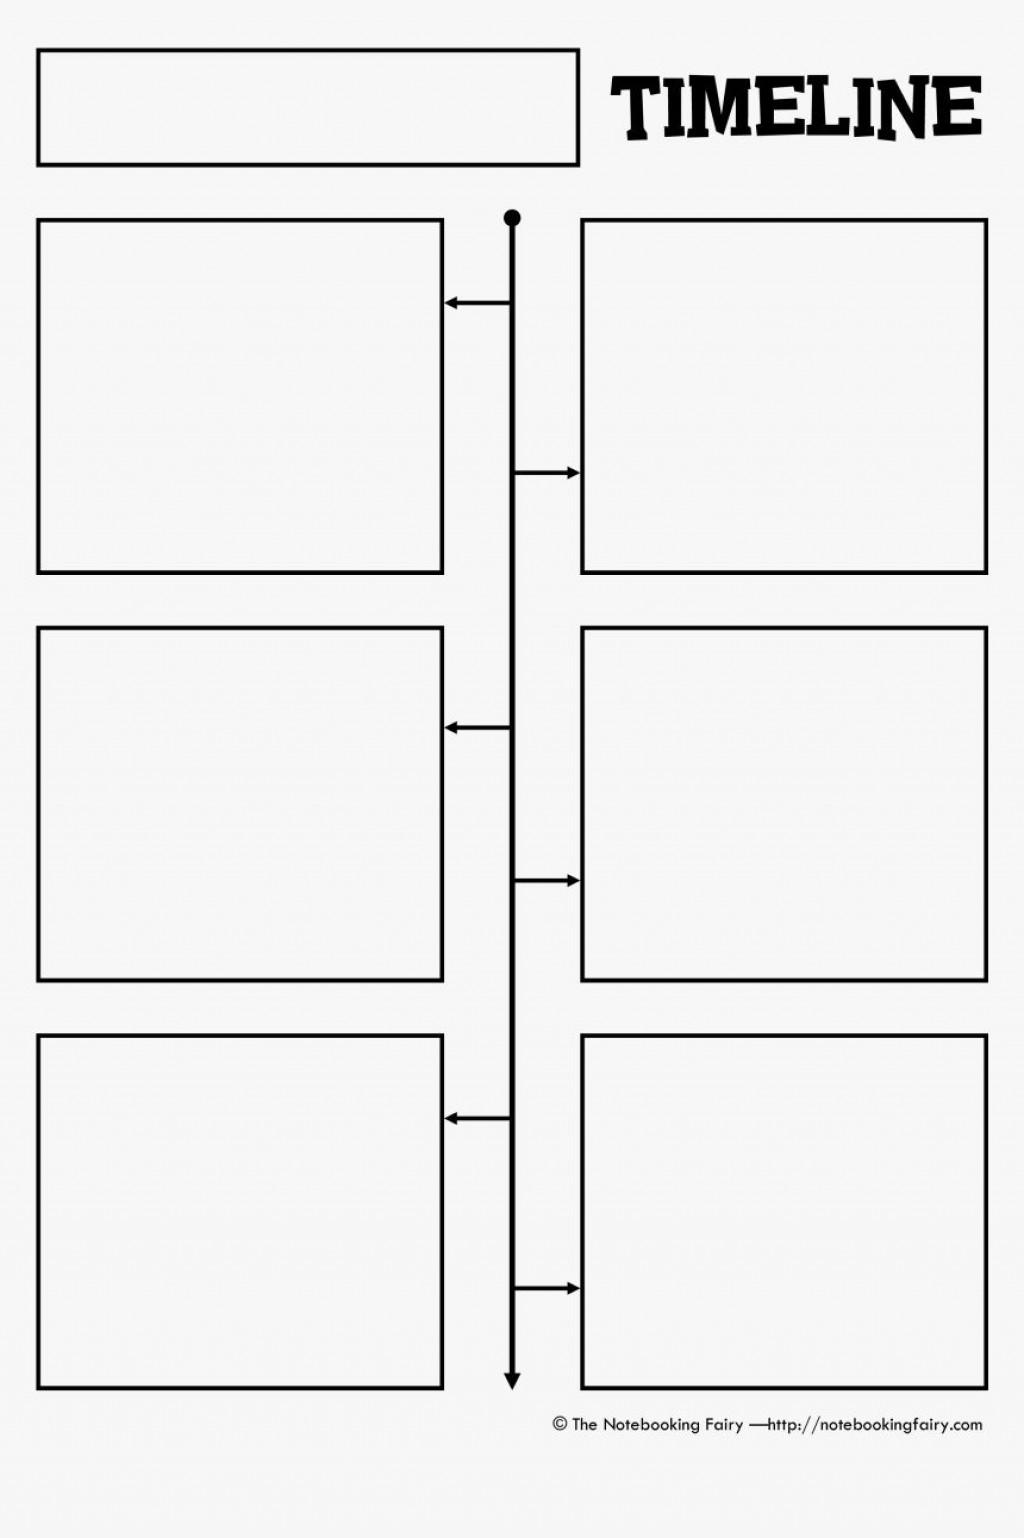 001 Marvelou Timeline Template For Kid Image  KidsLarge